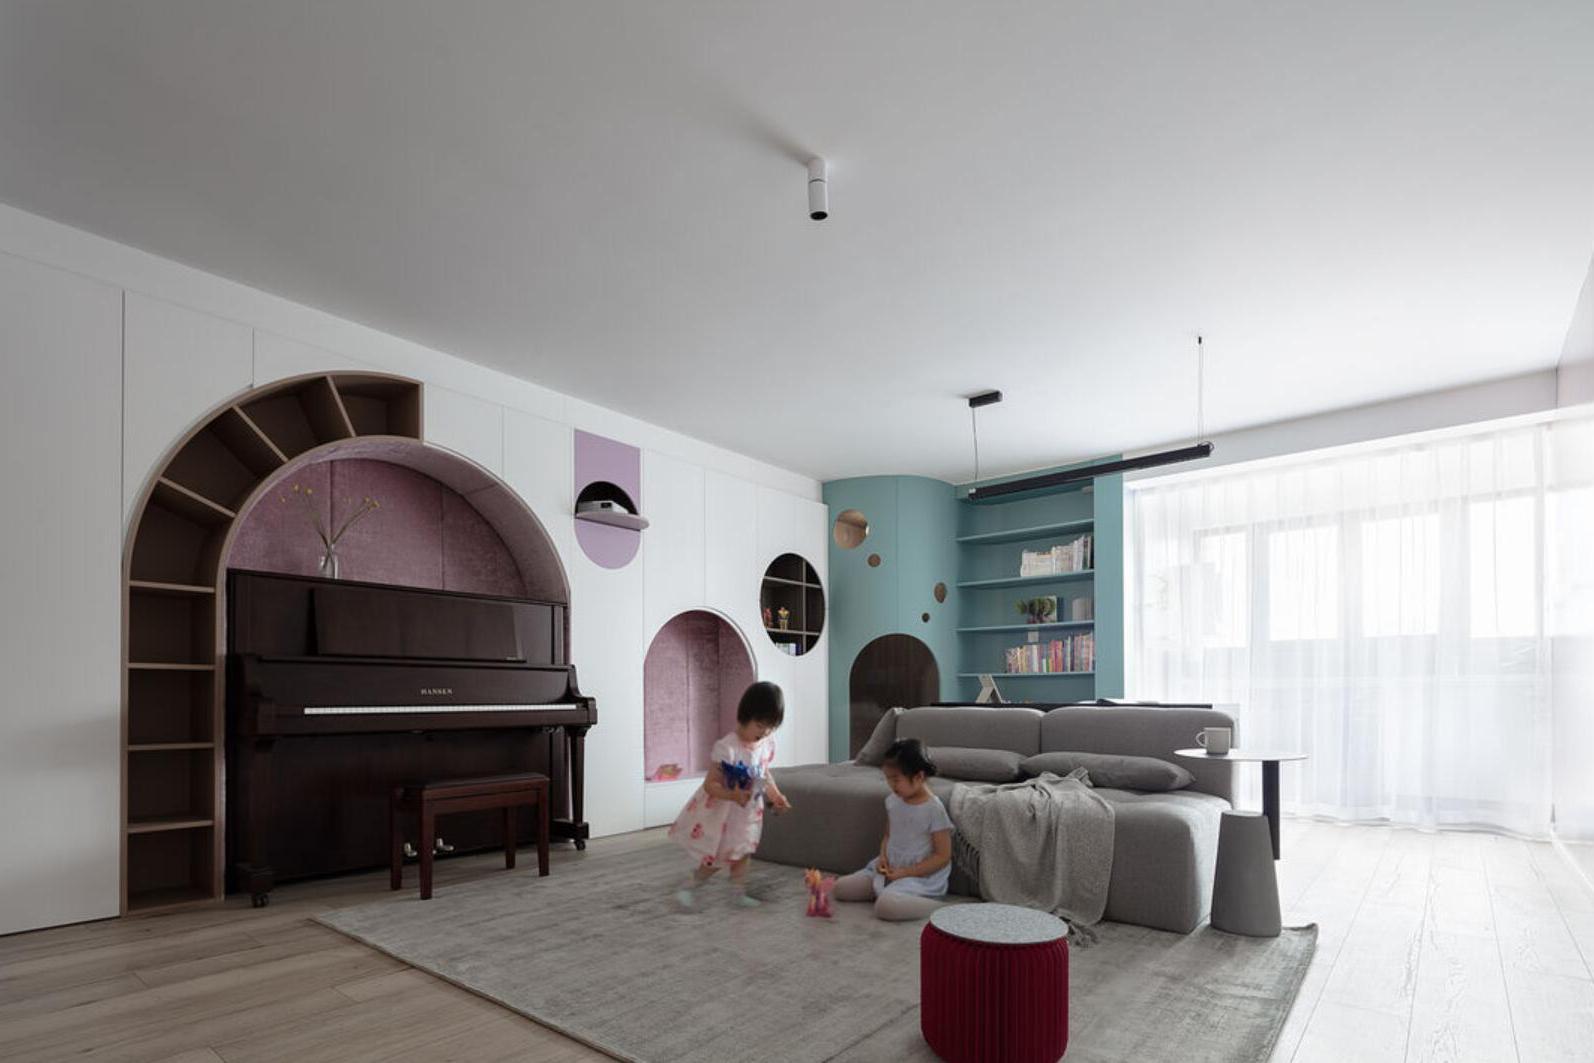 客厅做功能性设计,到底有多实用?看她160㎡新家,超有趣味性